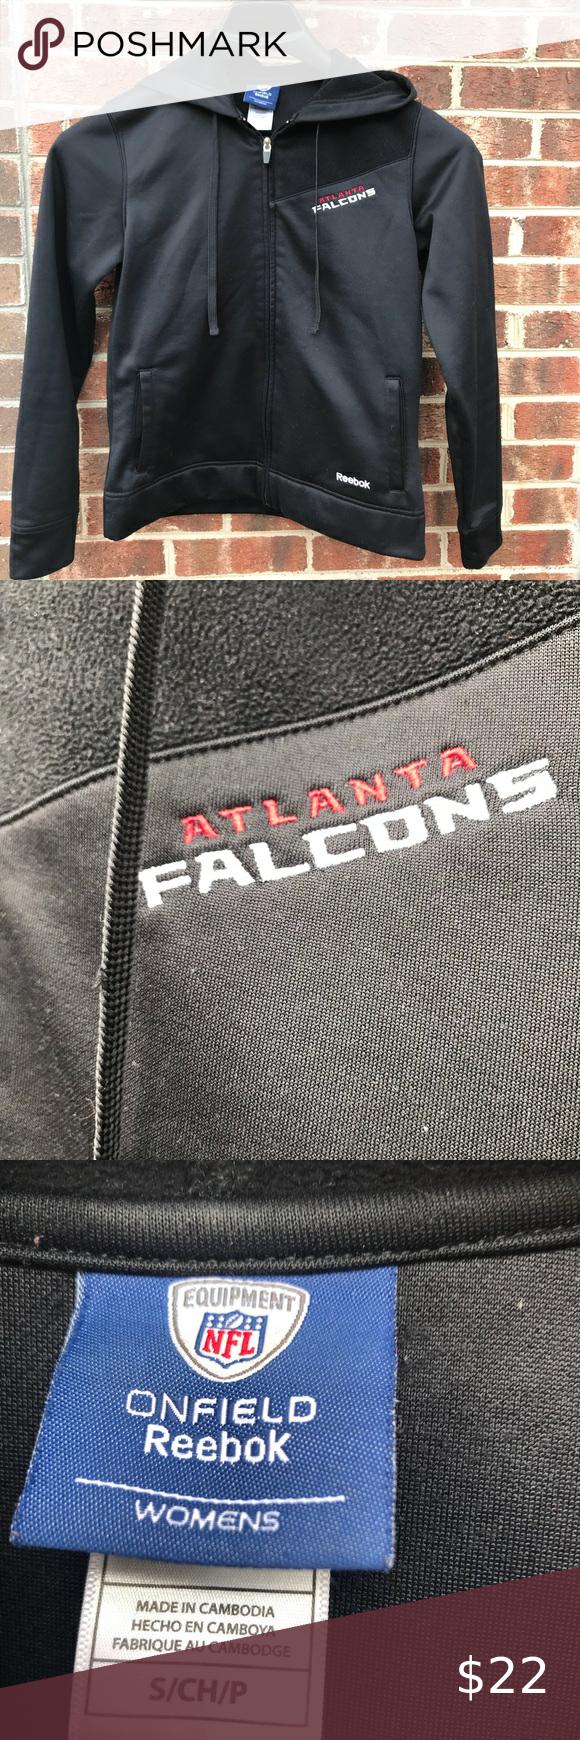 Reebok Women S Atlanta Falcons Jacket Sz S Women S Black Reebok Atlanta Falcons Jacket With 2 Front Op Windbreaker Jacket Women Reebok Women Womens Windbreaker [ 1740 x 580 Pixel ]